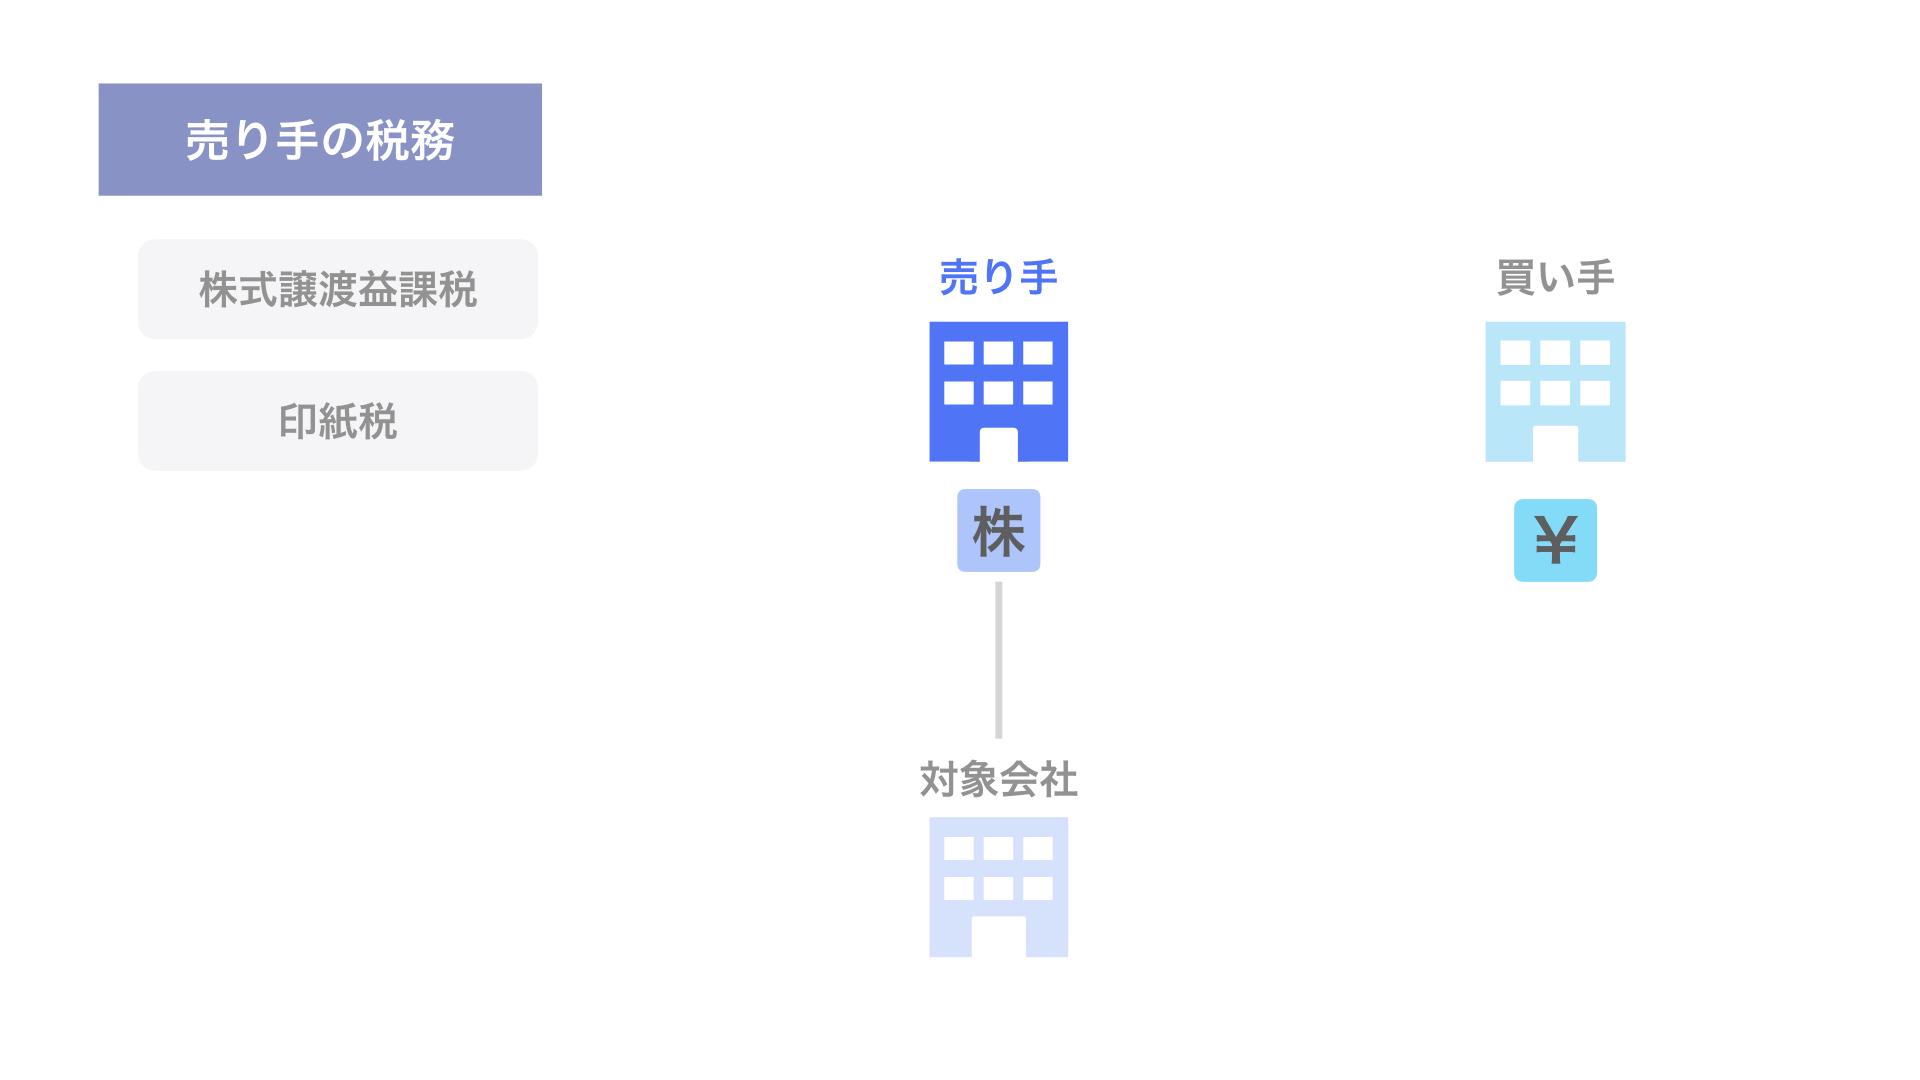 株式譲渡における売り手の税務